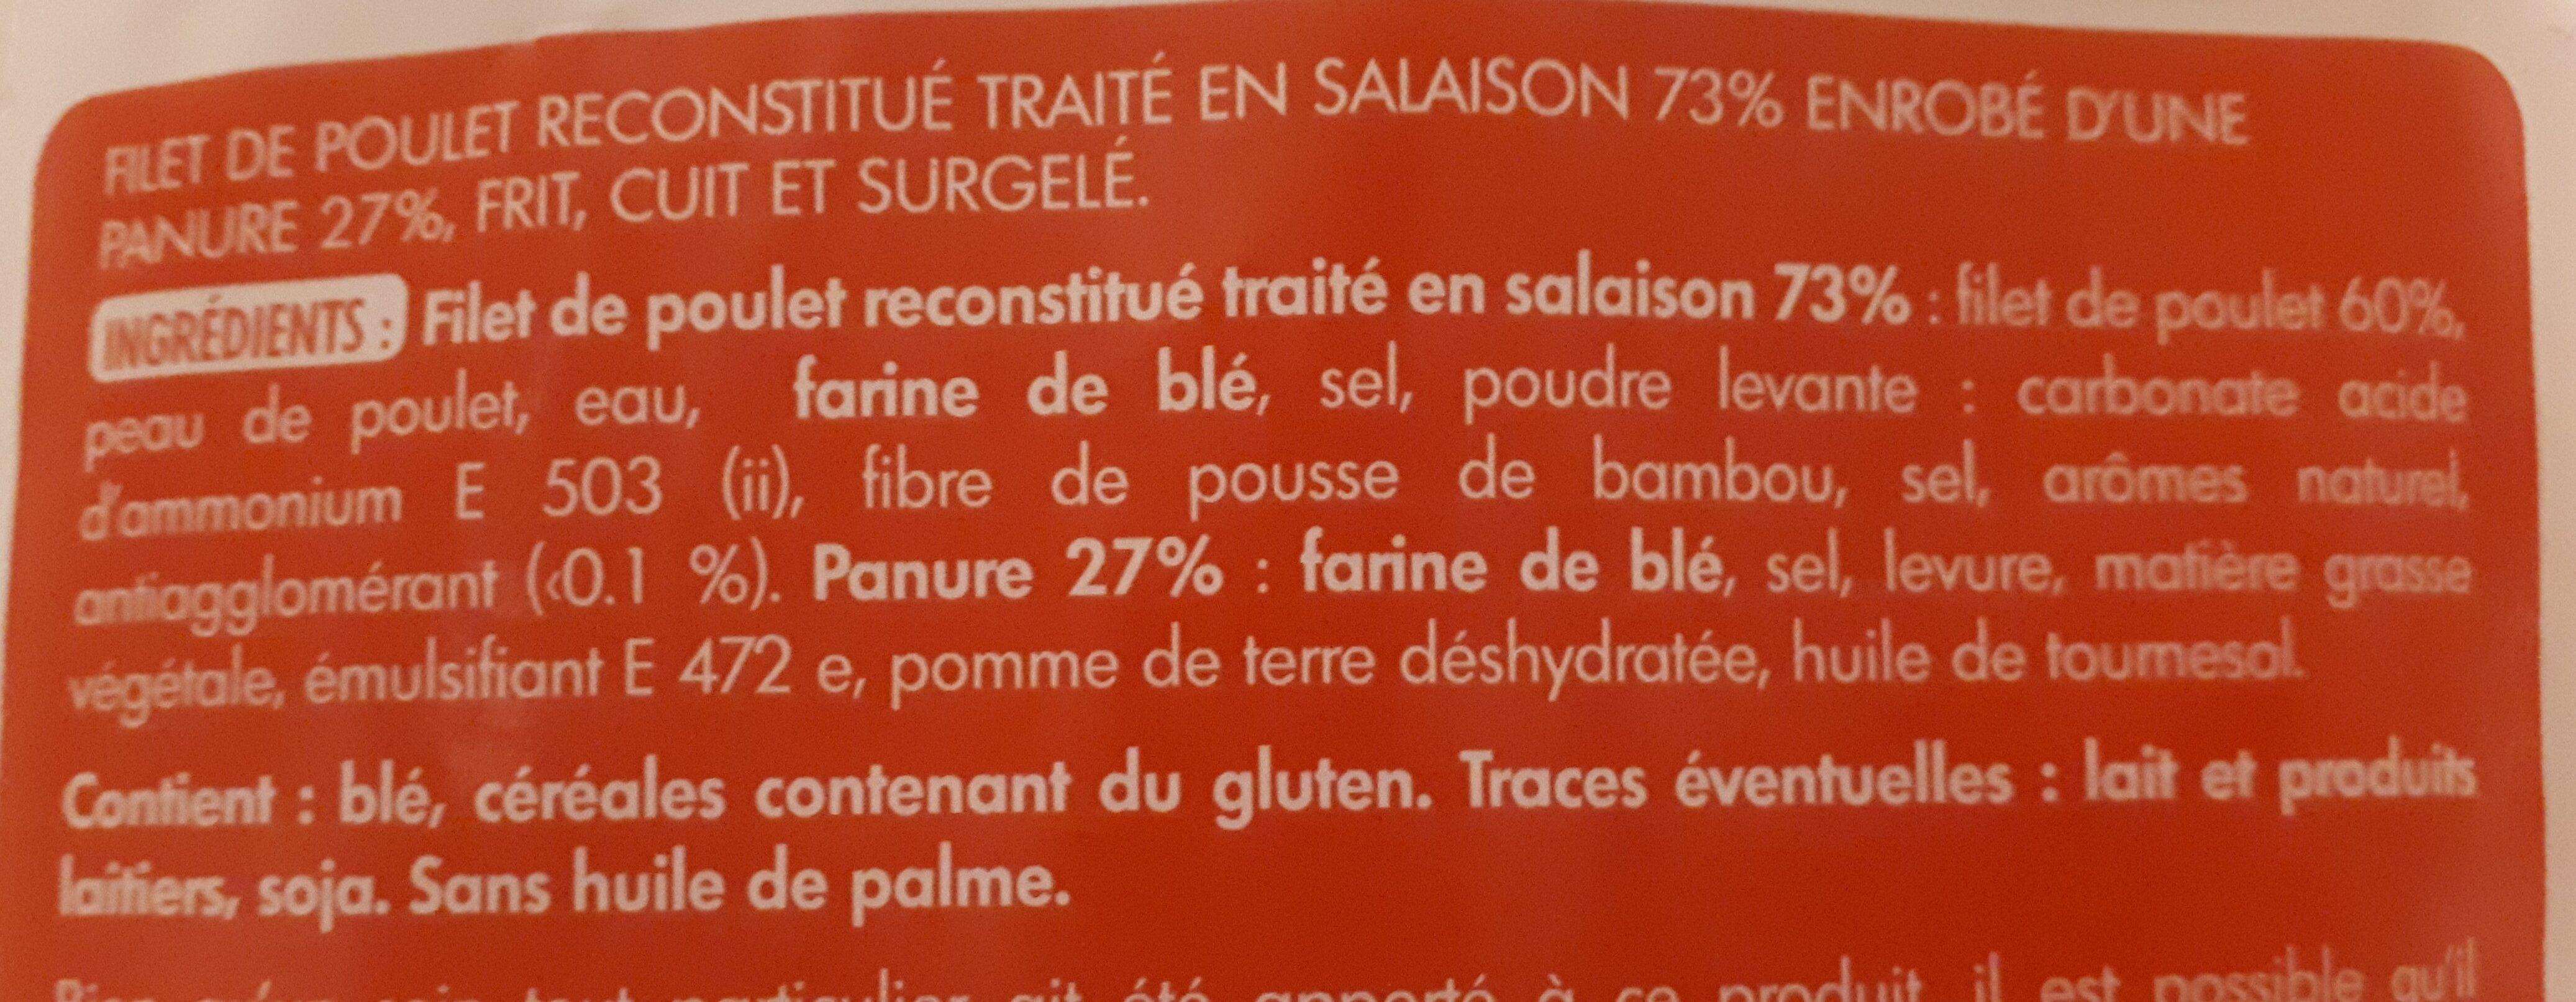 Escalopines panées - Ingrédients